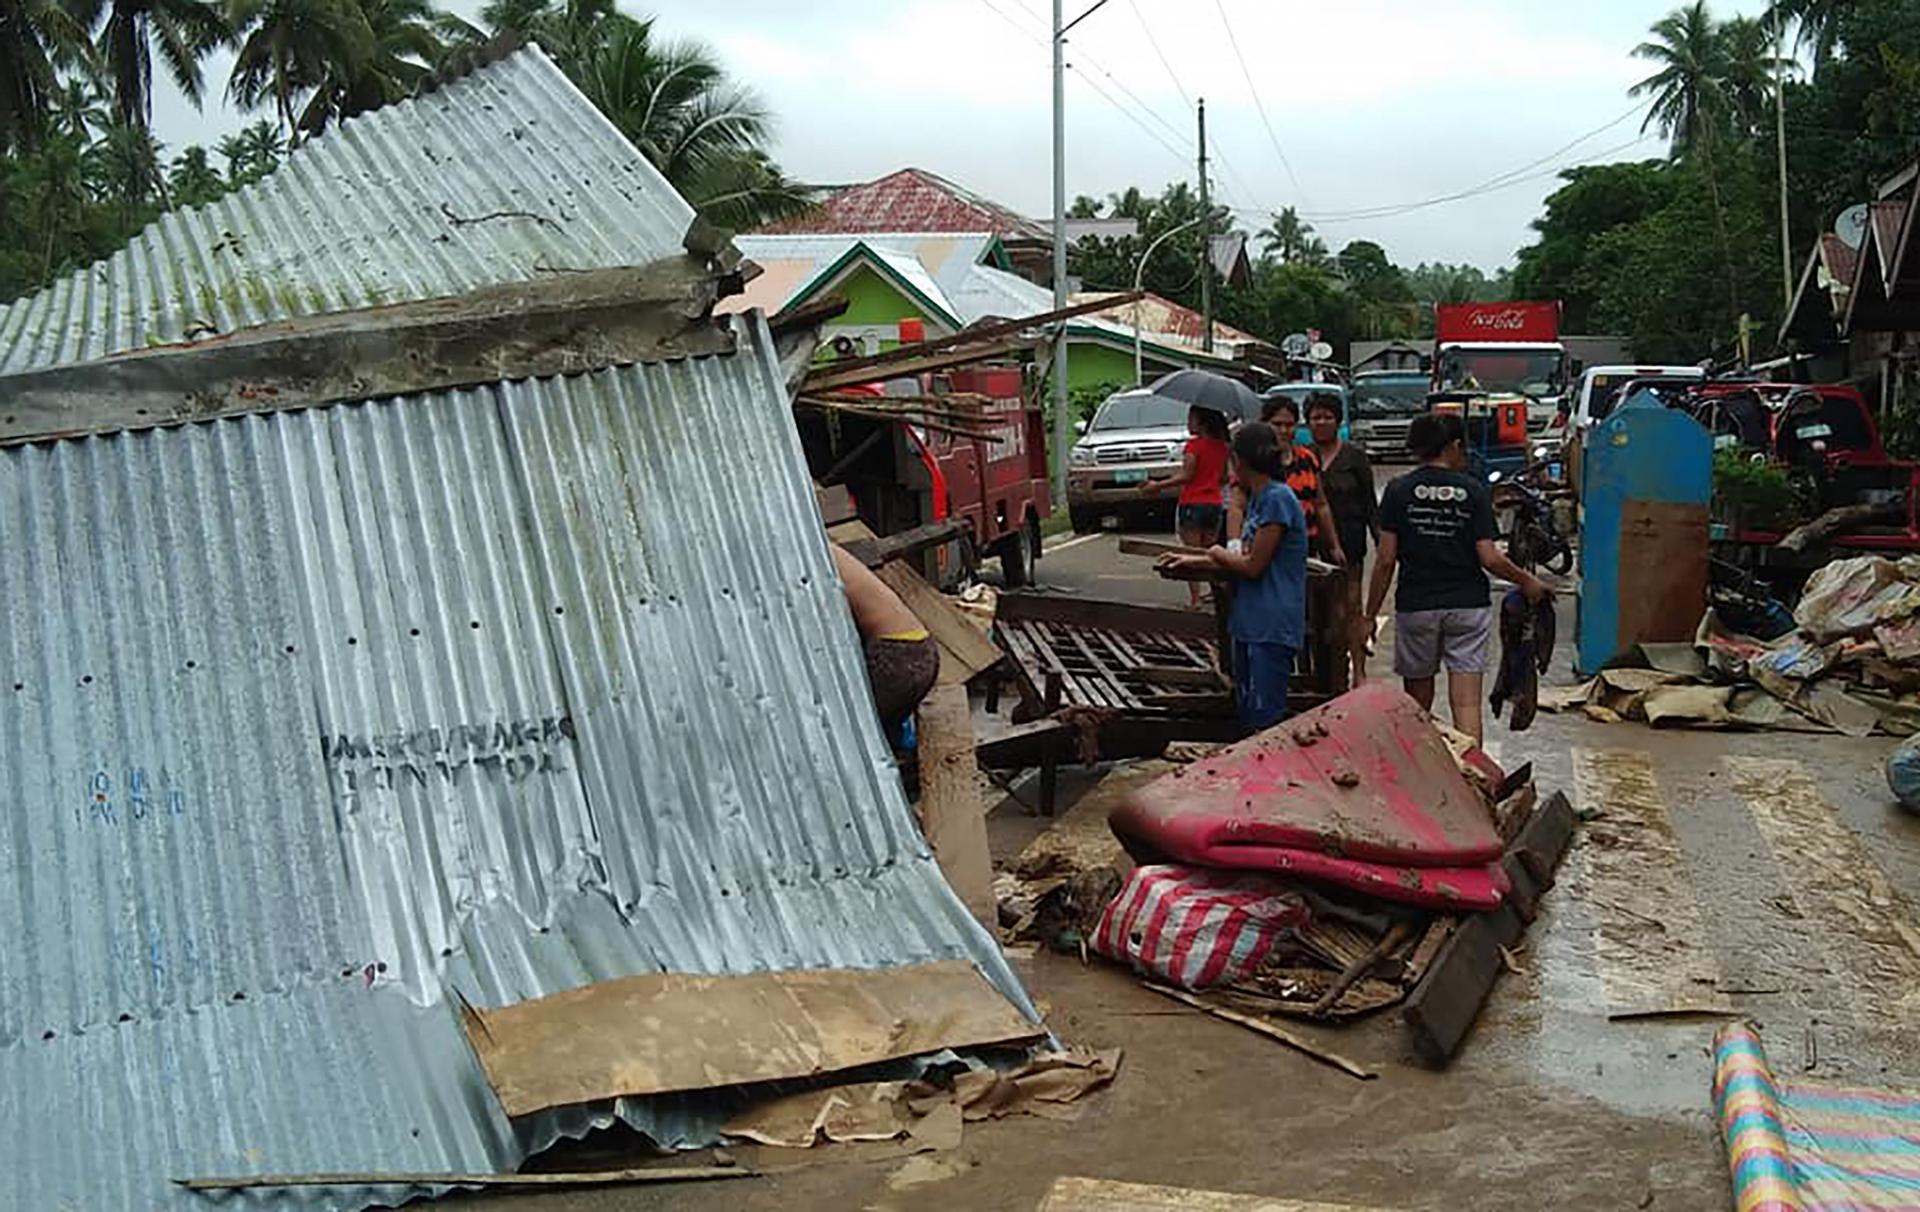 مصرع 5 أشخاص وإصابة آخرين جراء زلزال جنوبي الفلبين